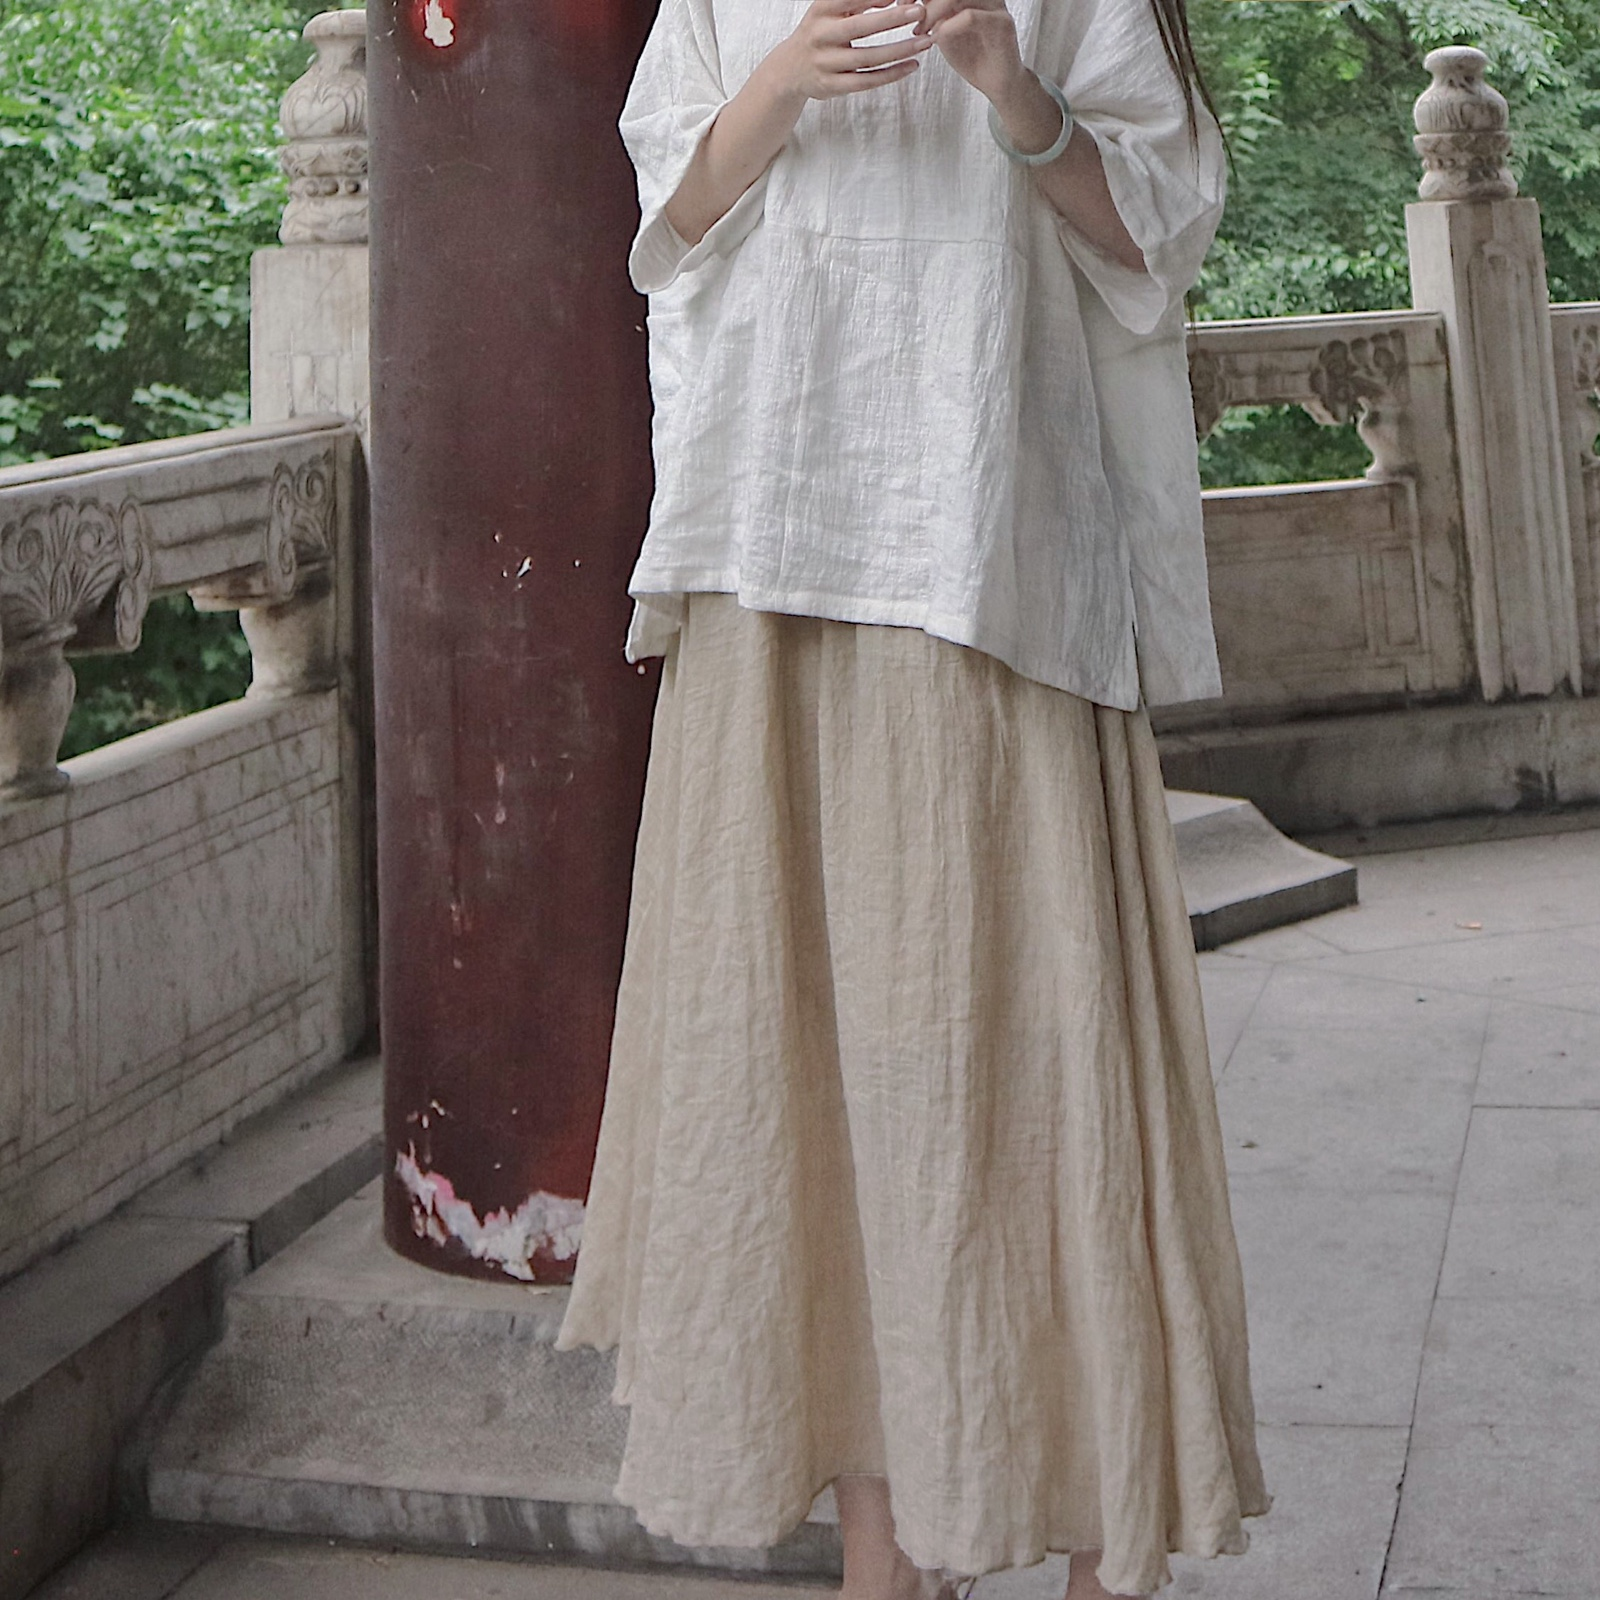 女半身裙 |眠石|米麻色素净文艺双层大摆棉麻半身裙_推荐淘宝好看的半身裙